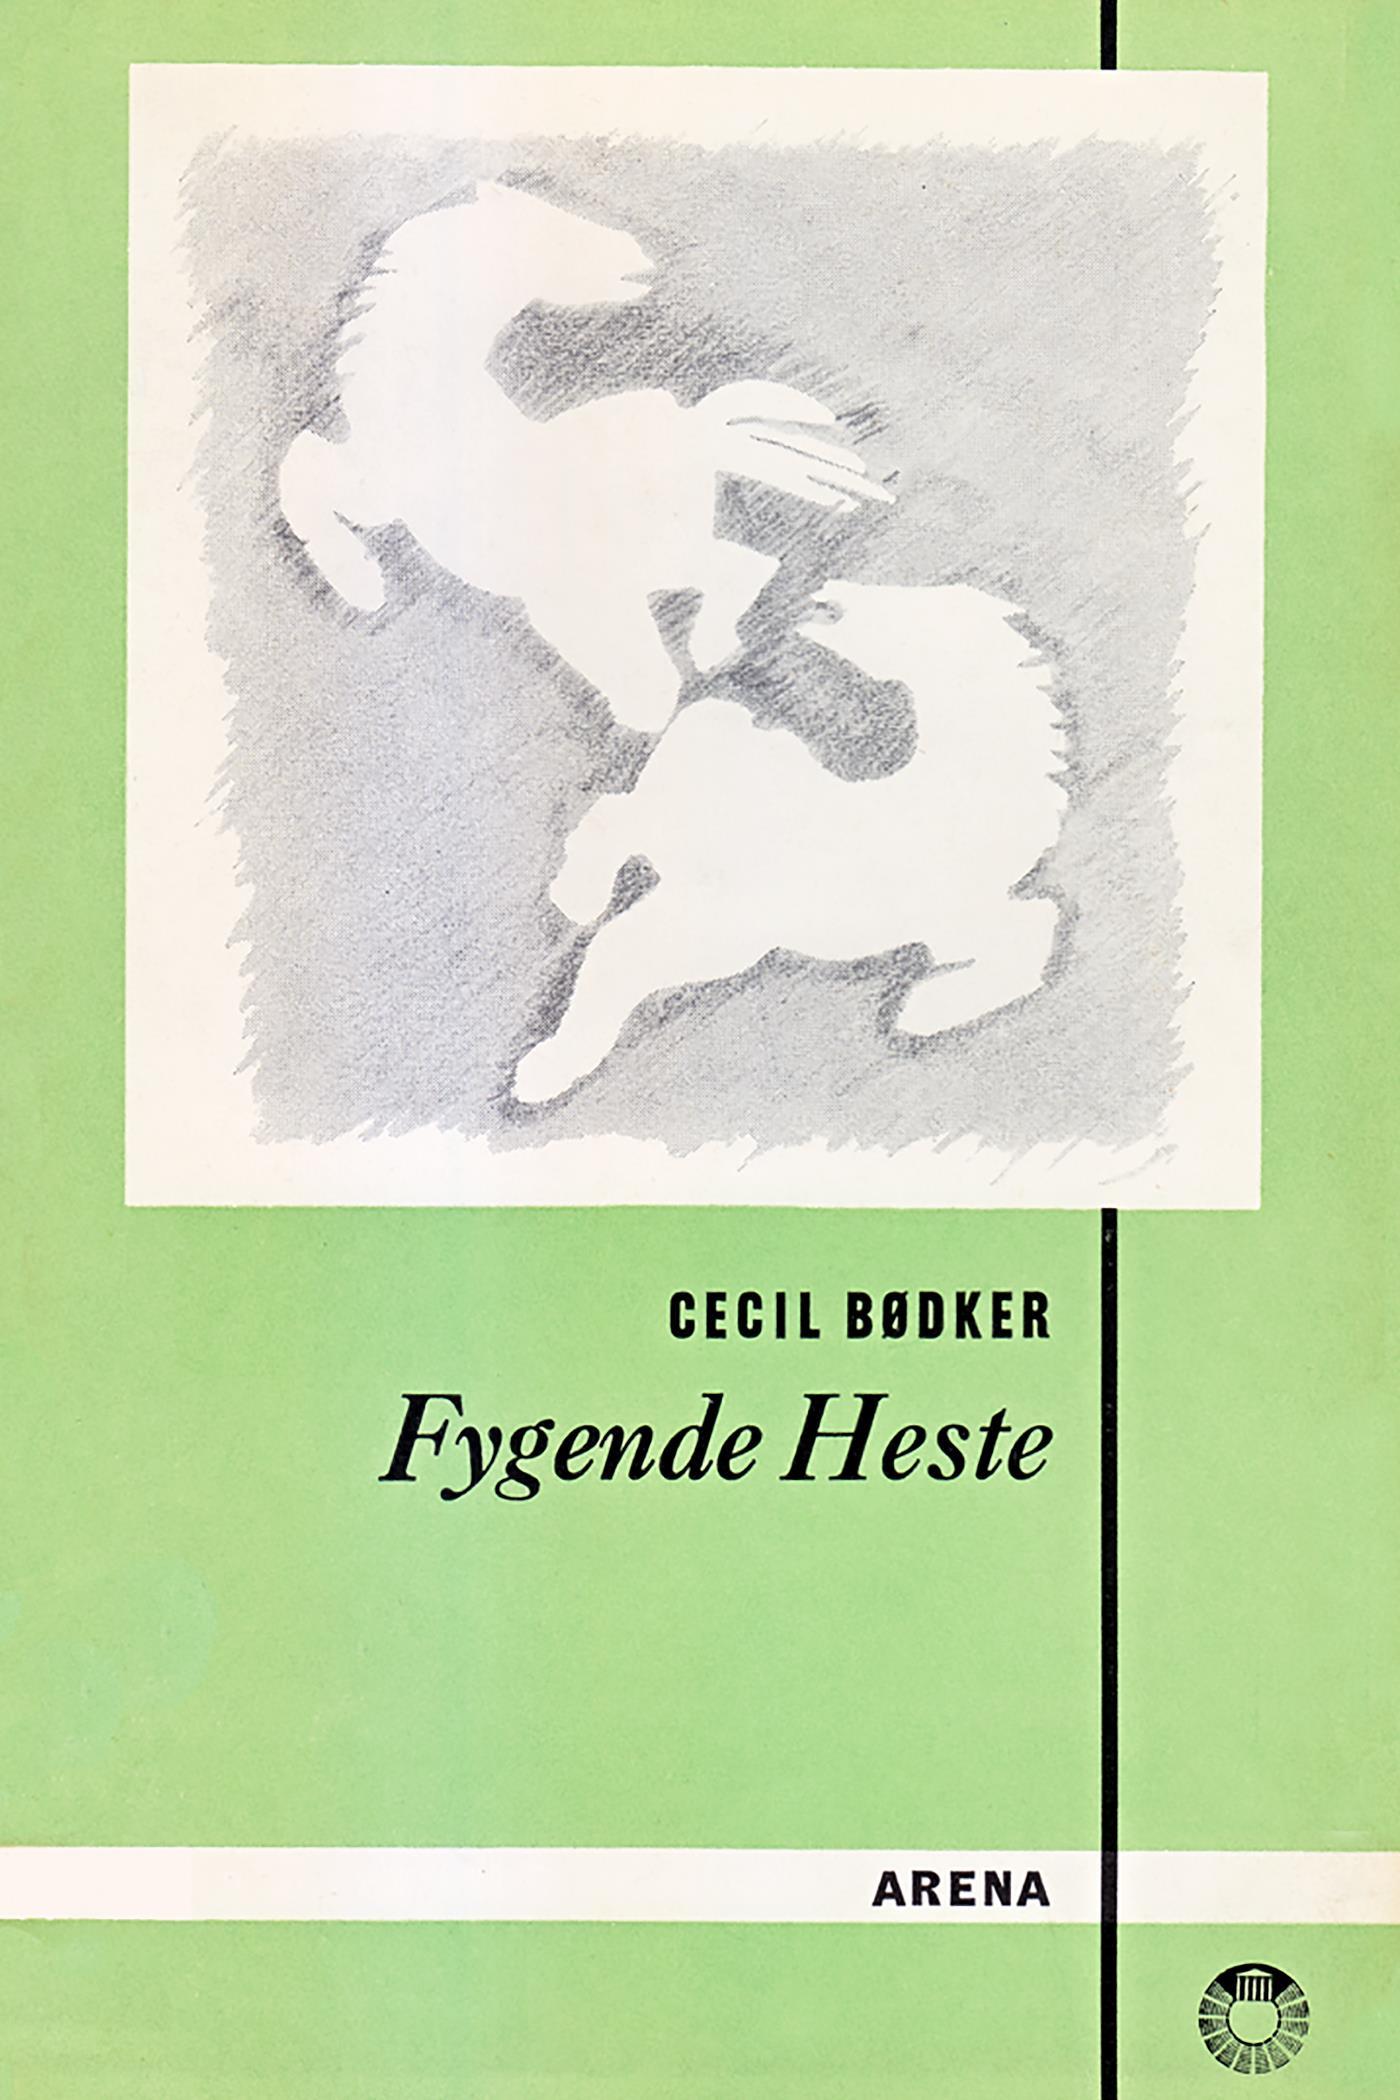 N/A Fygende heste - e-bog fra bog & mystik